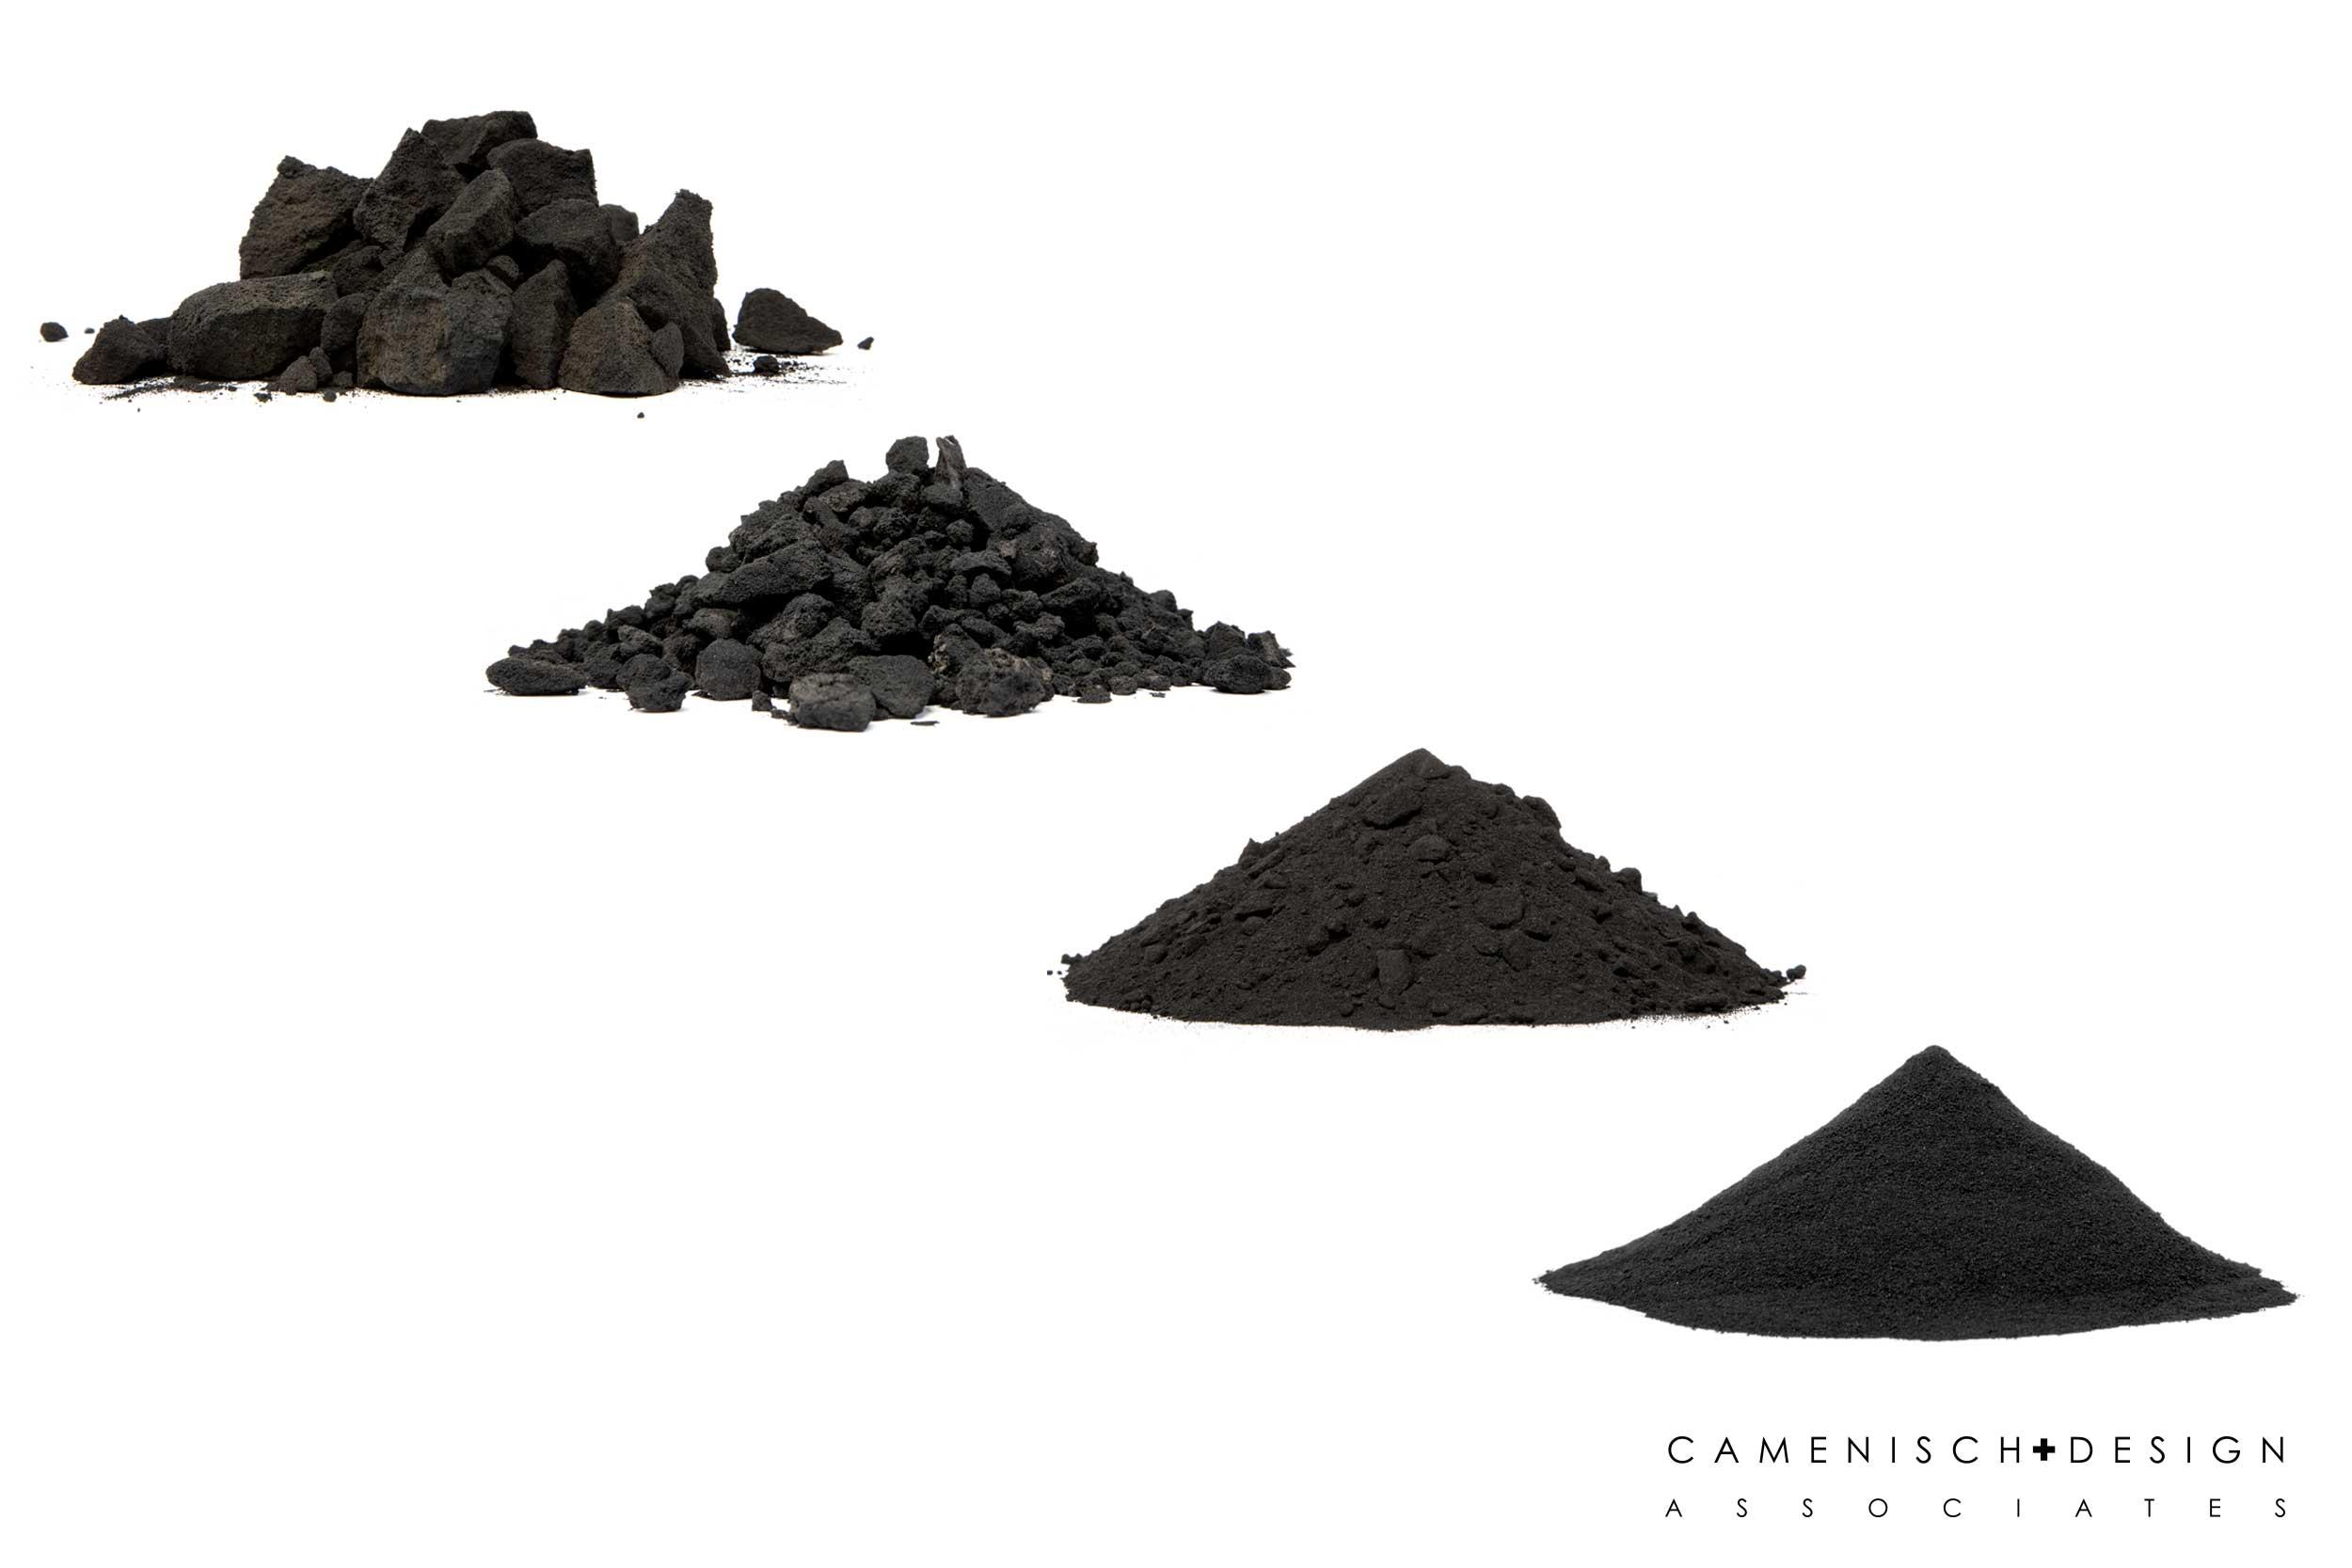 Products - Camenisch Design Associates